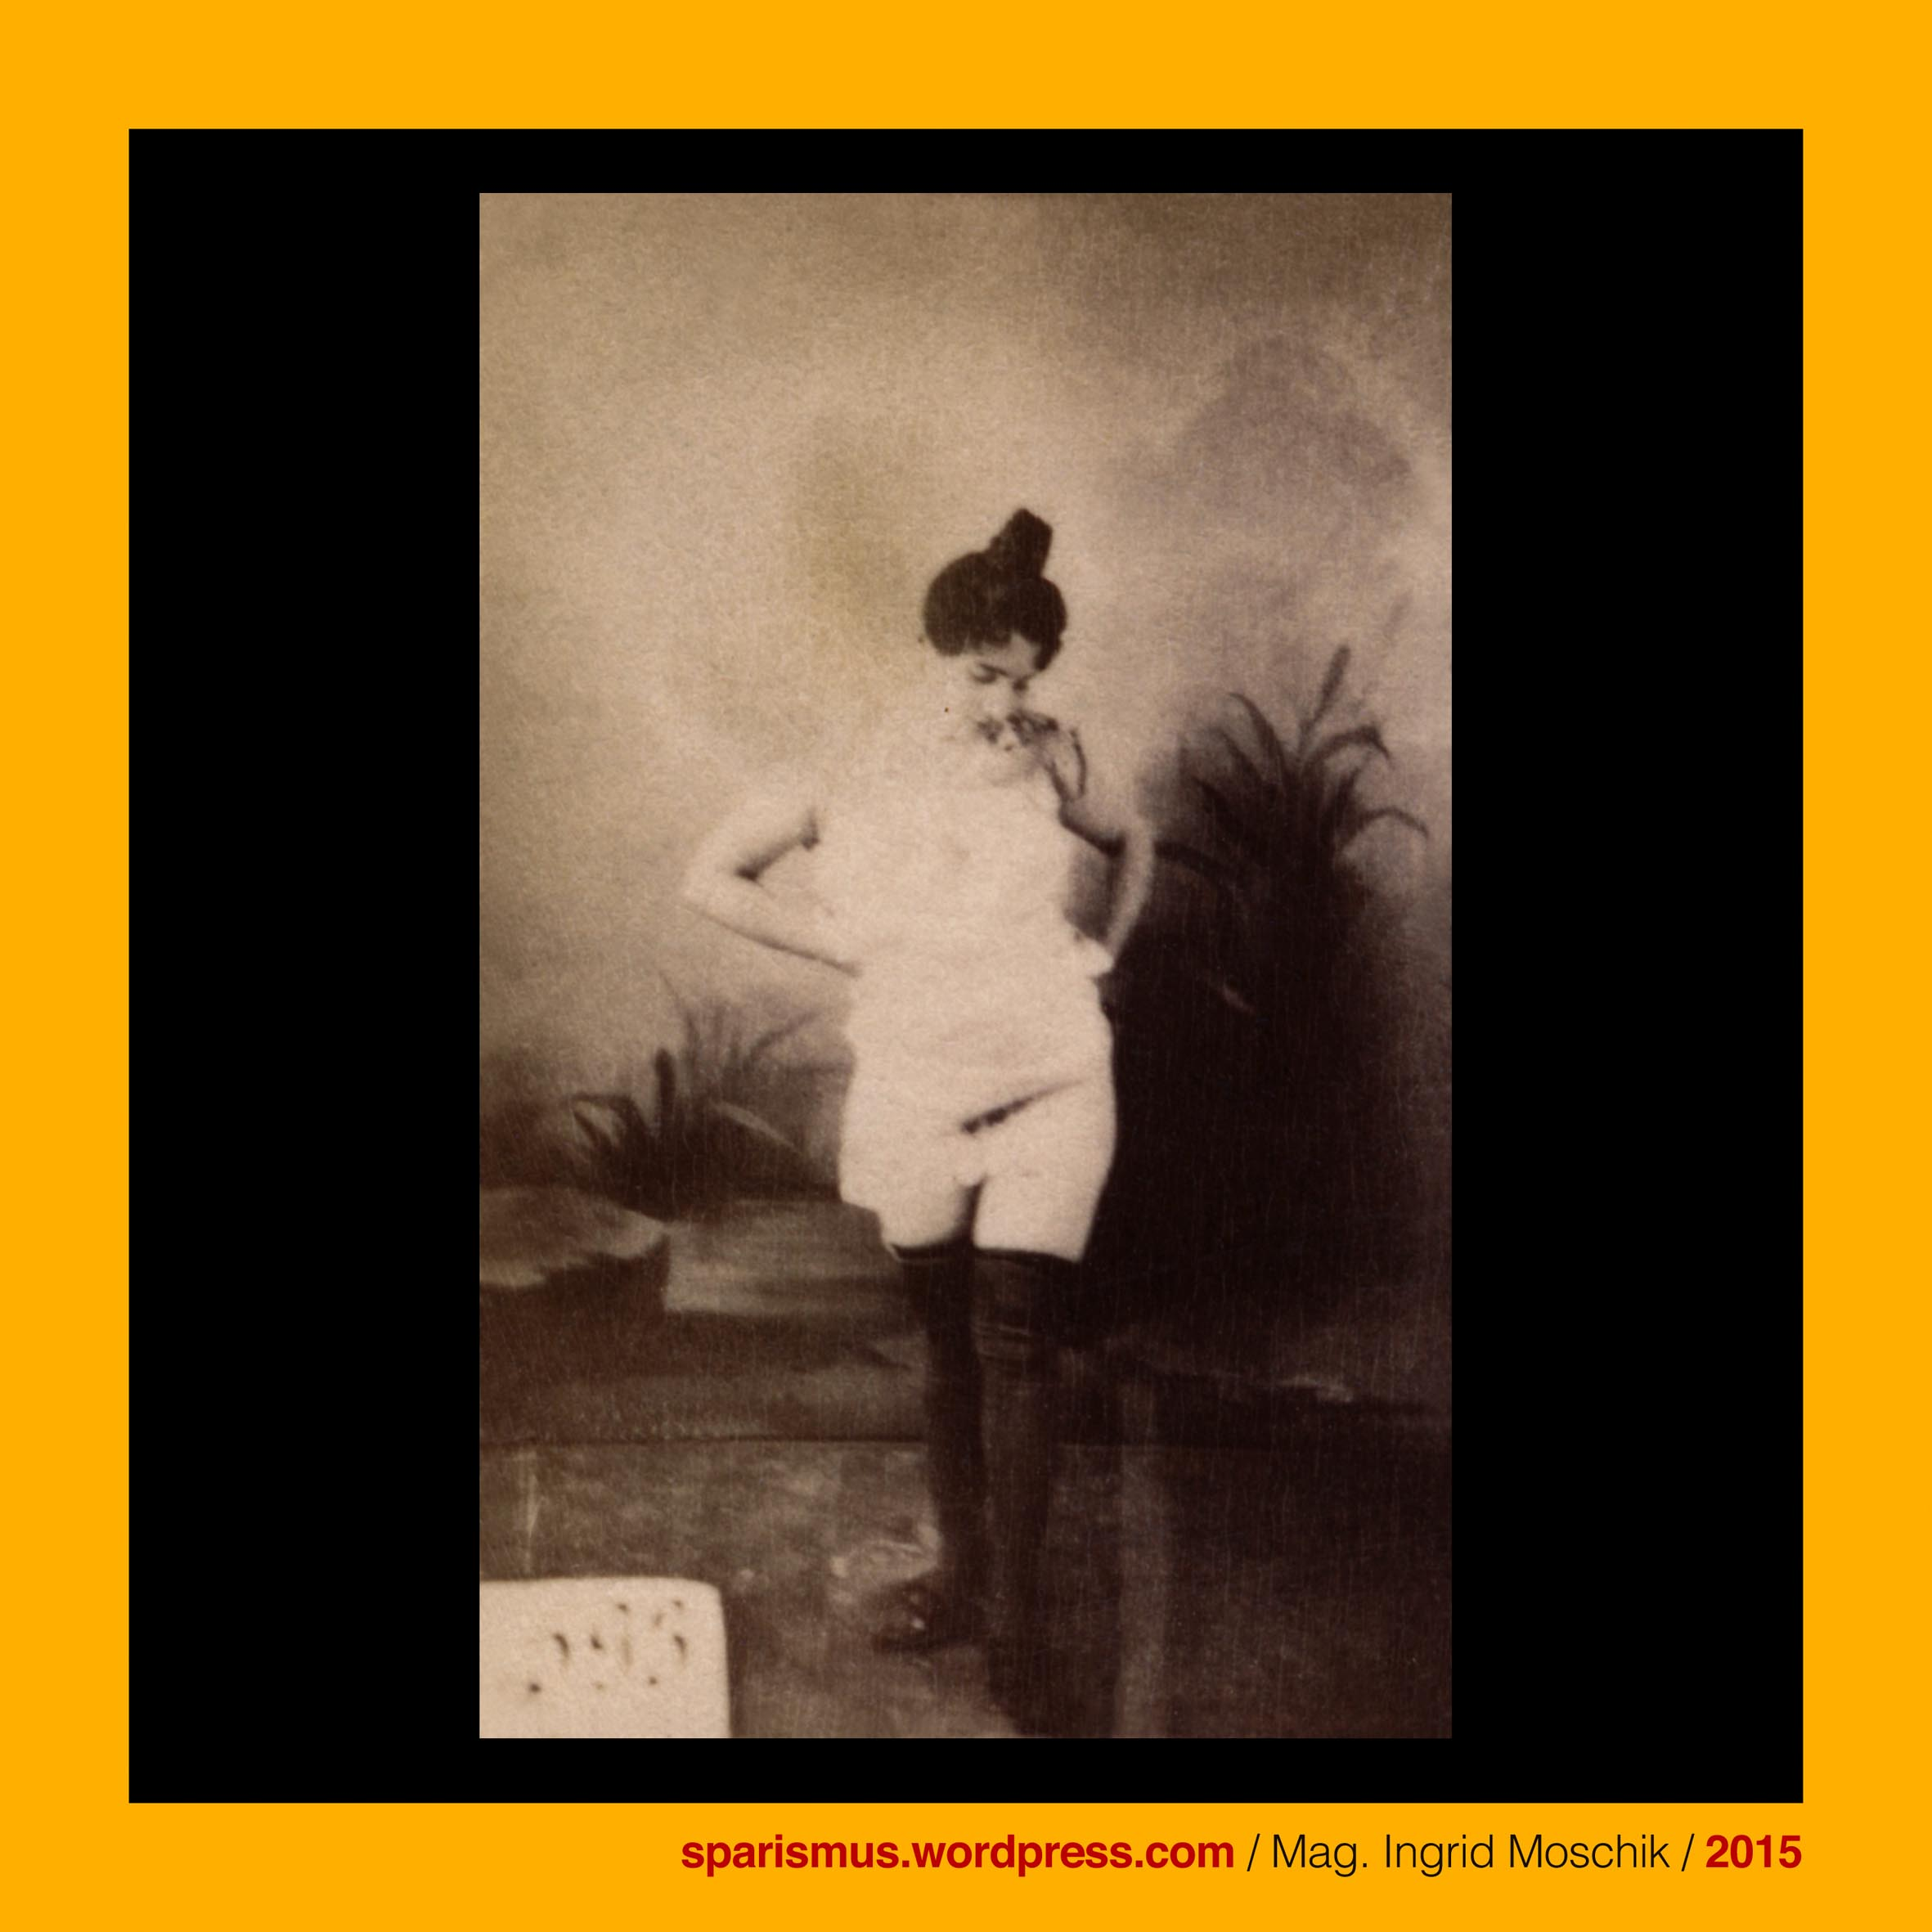 593-otto-schmidt-wien-1885-neglige-lady-black-overknees-arcadia Incroyable De Tv 90 Cm Pas Cher Schème